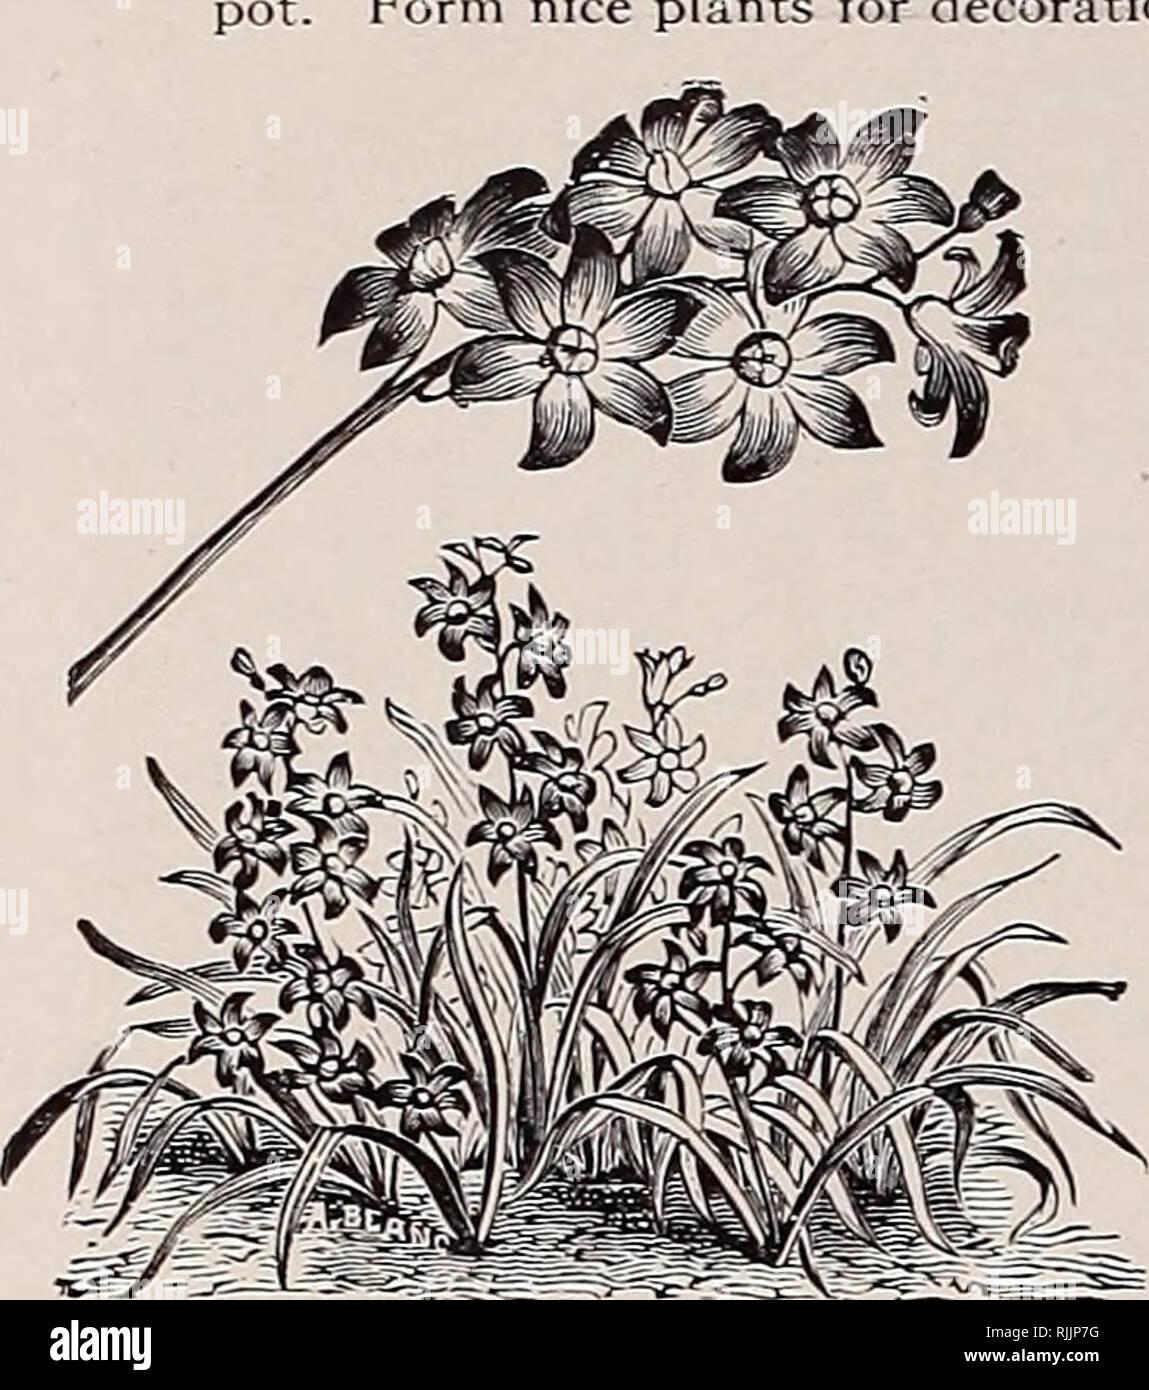 Beckert Die Glühbirne Katalog Herbst 1914 Baumschulen Gartenbau